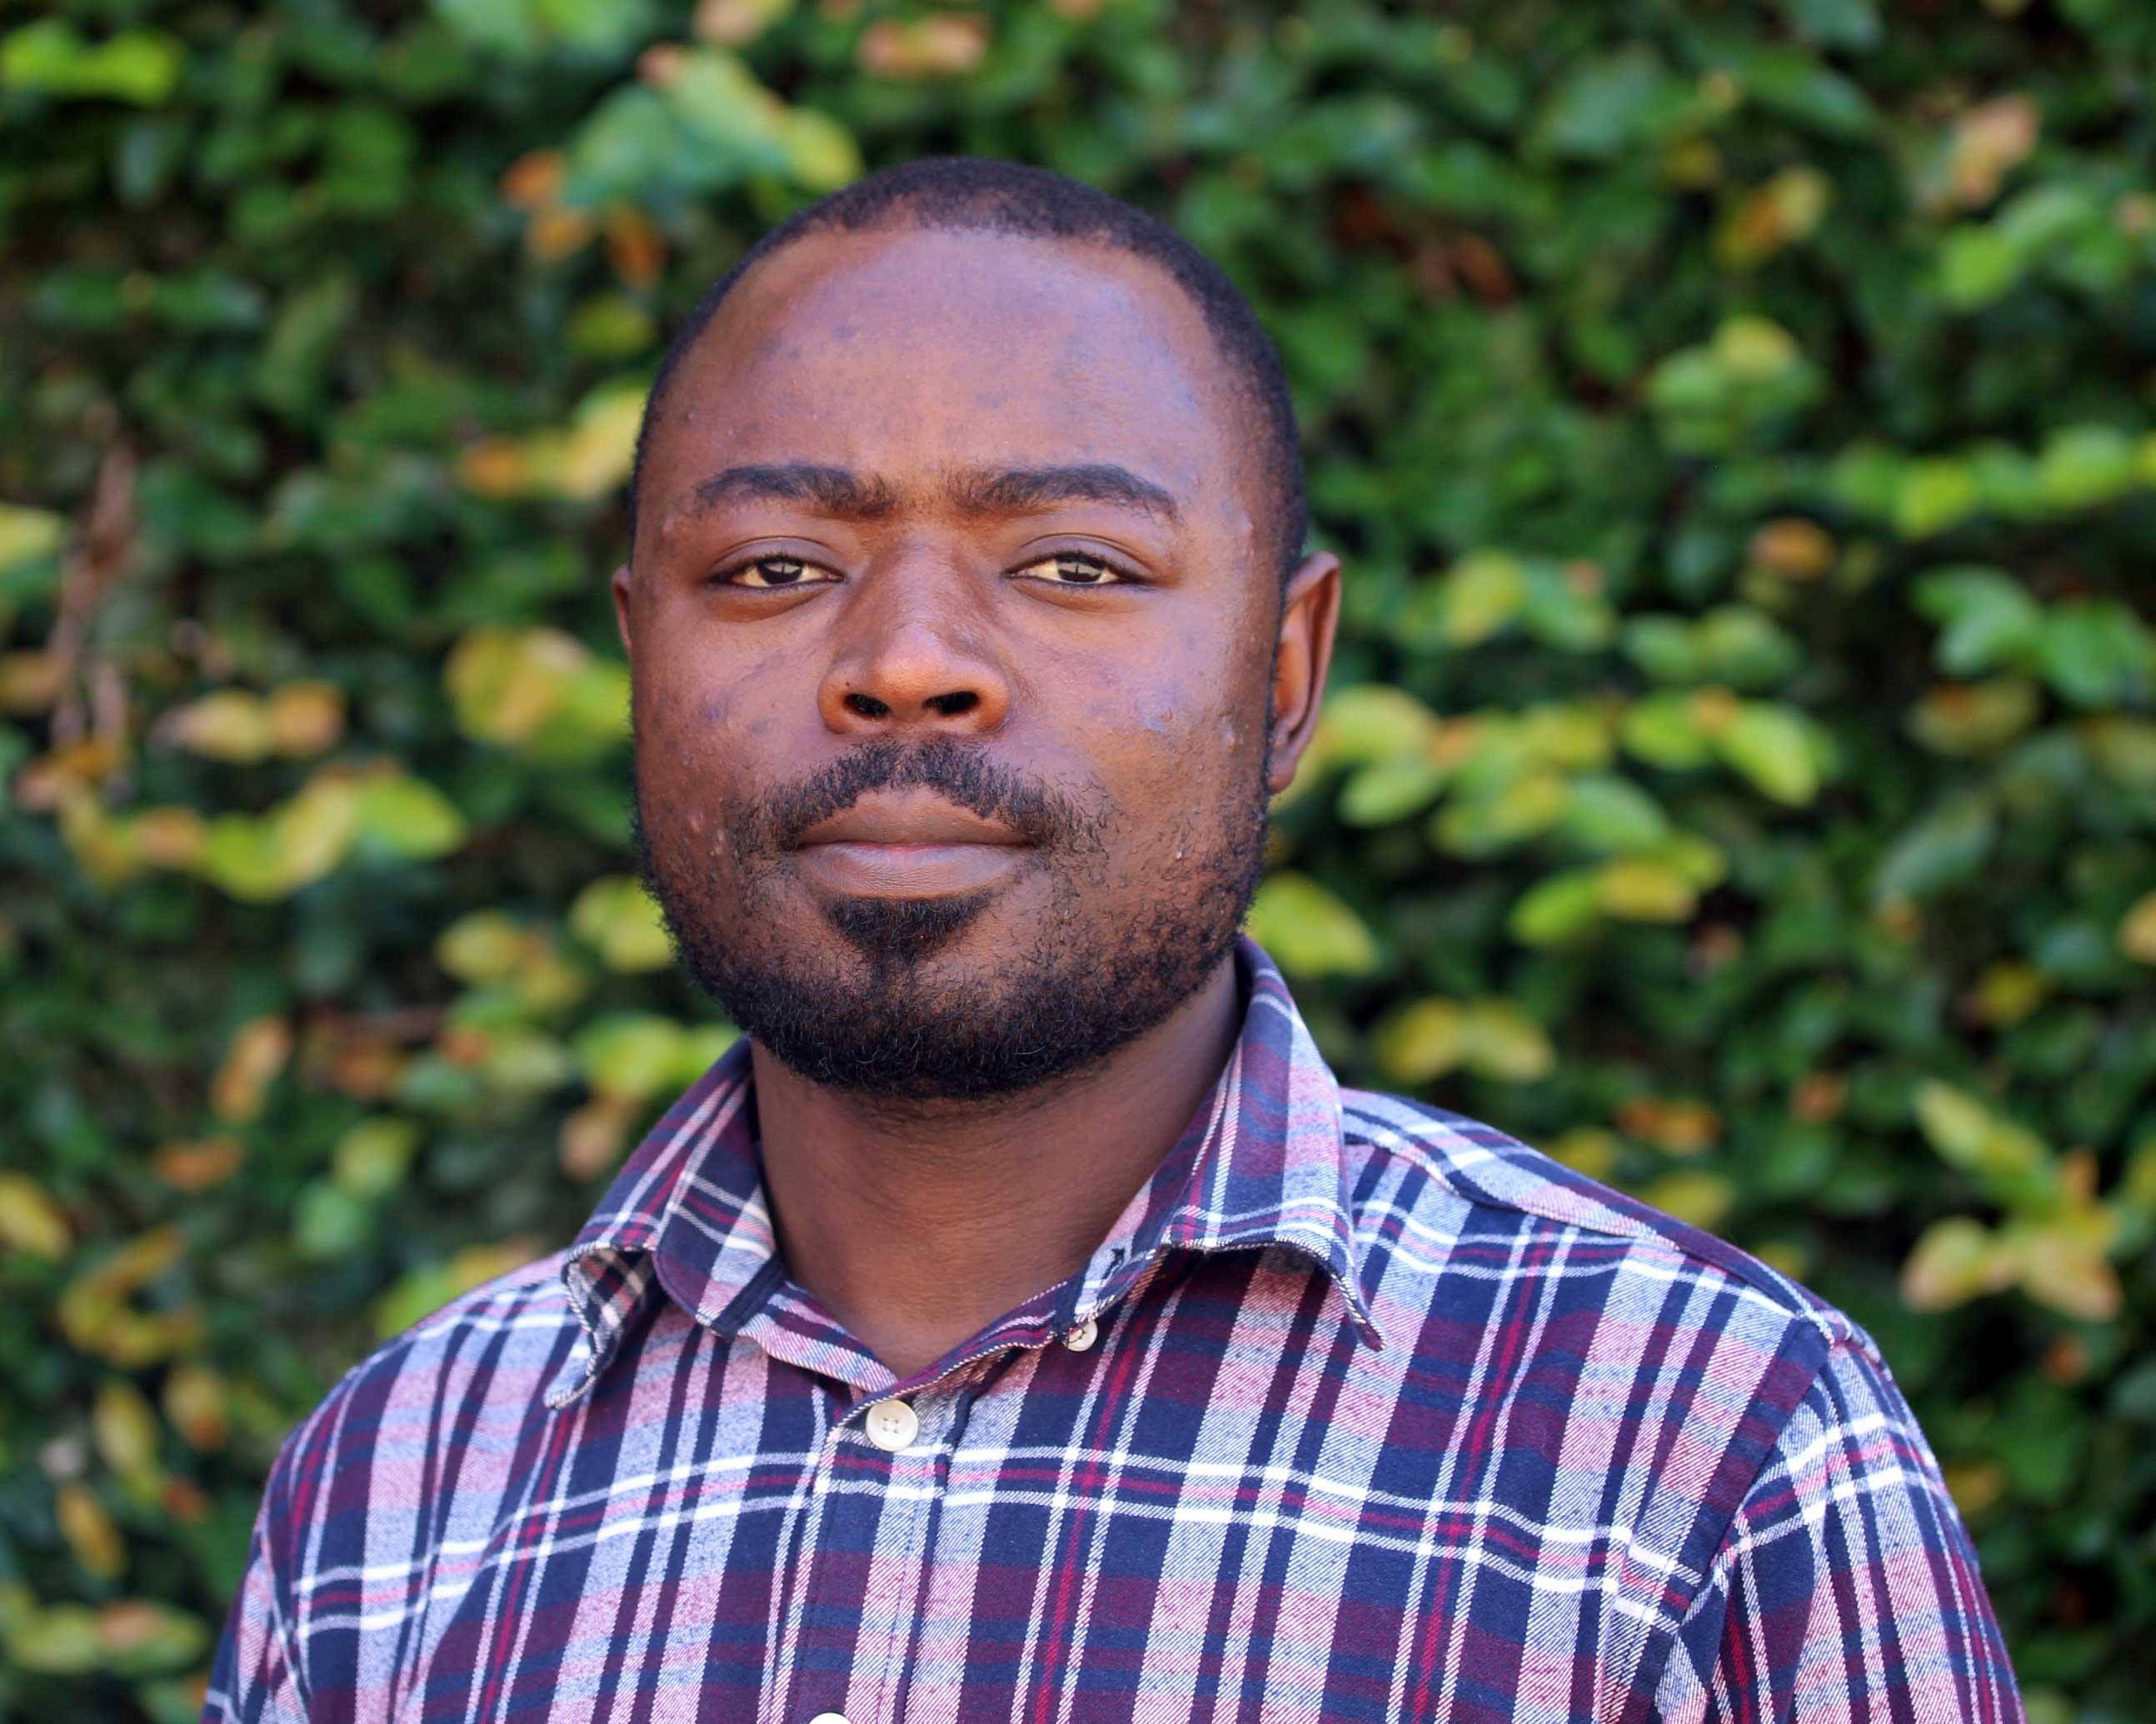 Byishimo Emmanuel